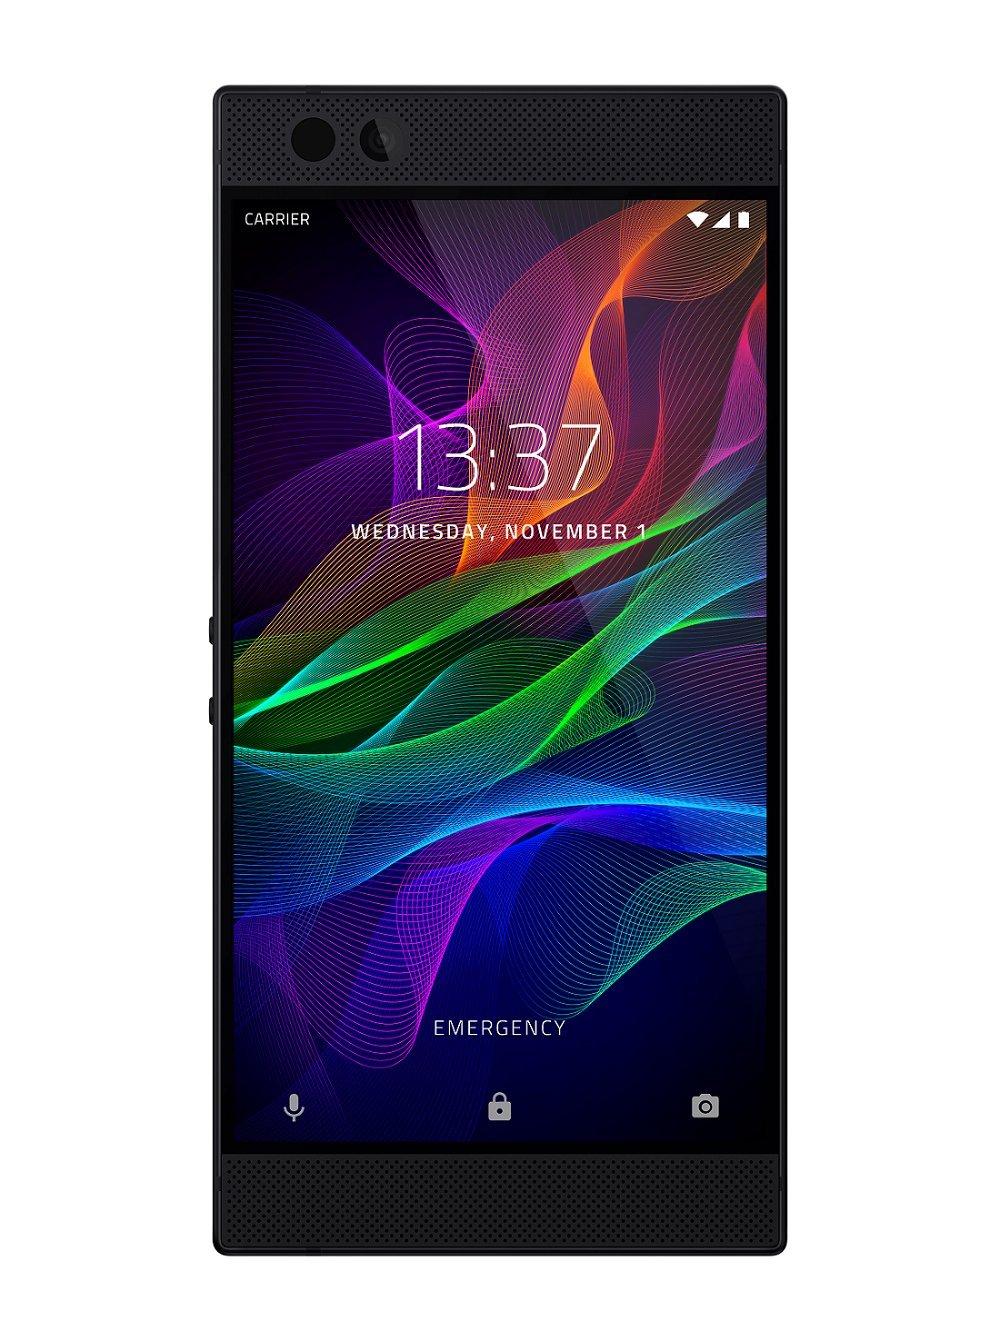 Razer Phone - Smartphone con Pantalla UltraMotion de 120 Hz (64 GB expandible, tecnología Dolby Atmos, 4G y batería con 4000 mAh)